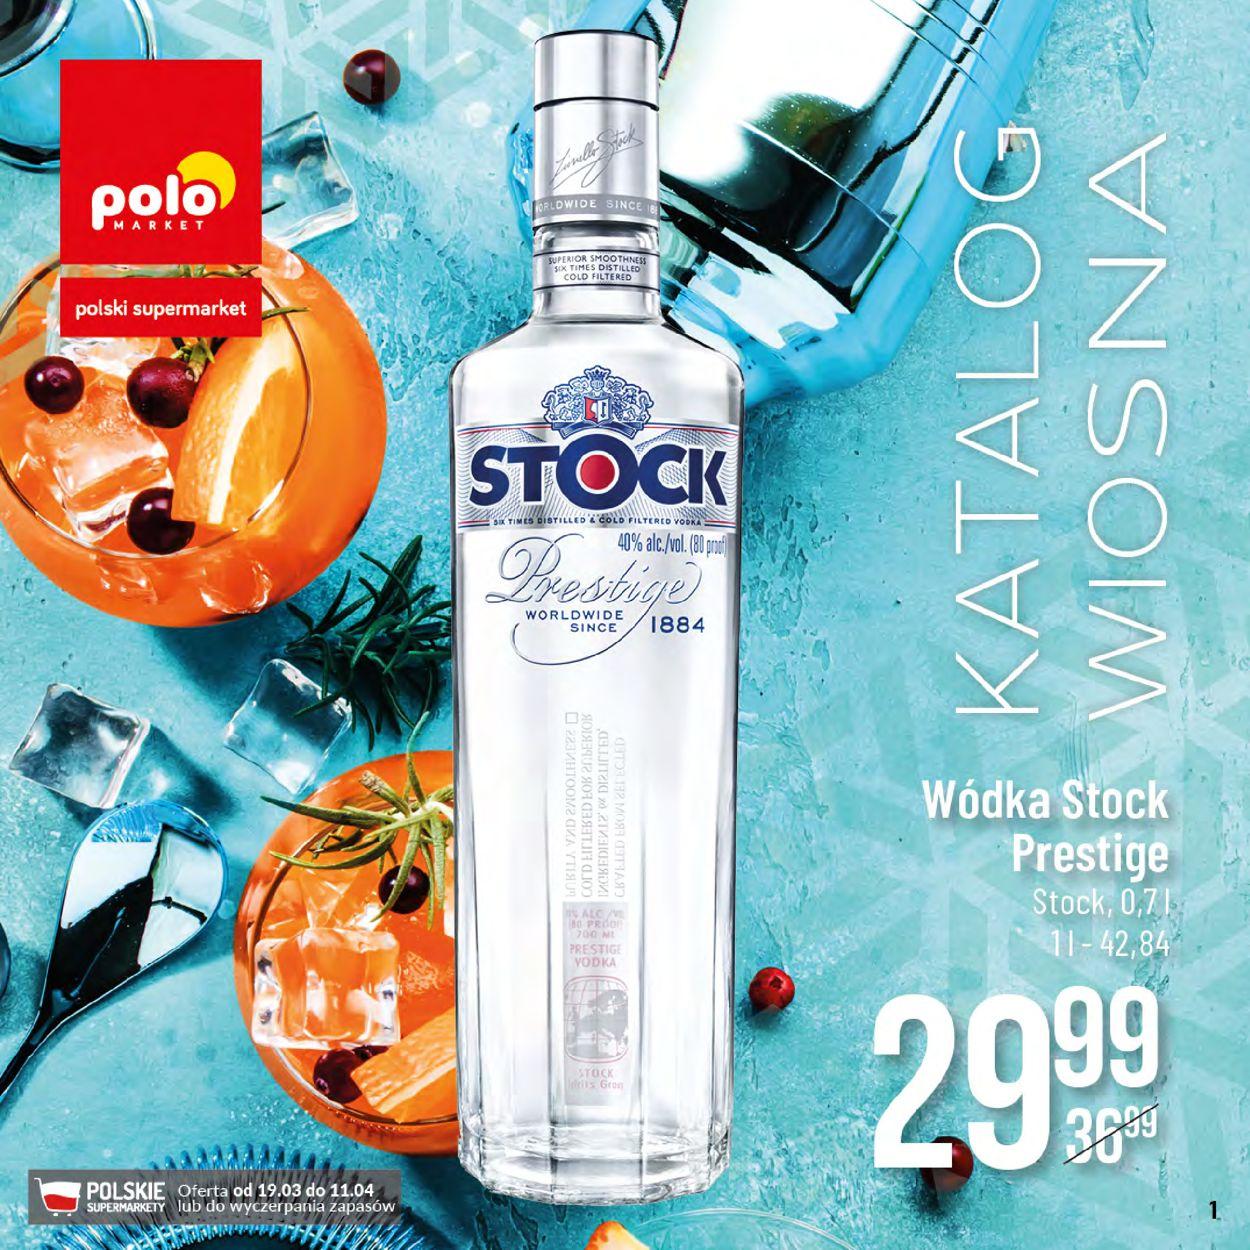 Gazetka promocyjna Polomarket - 19.03-11.04.2020